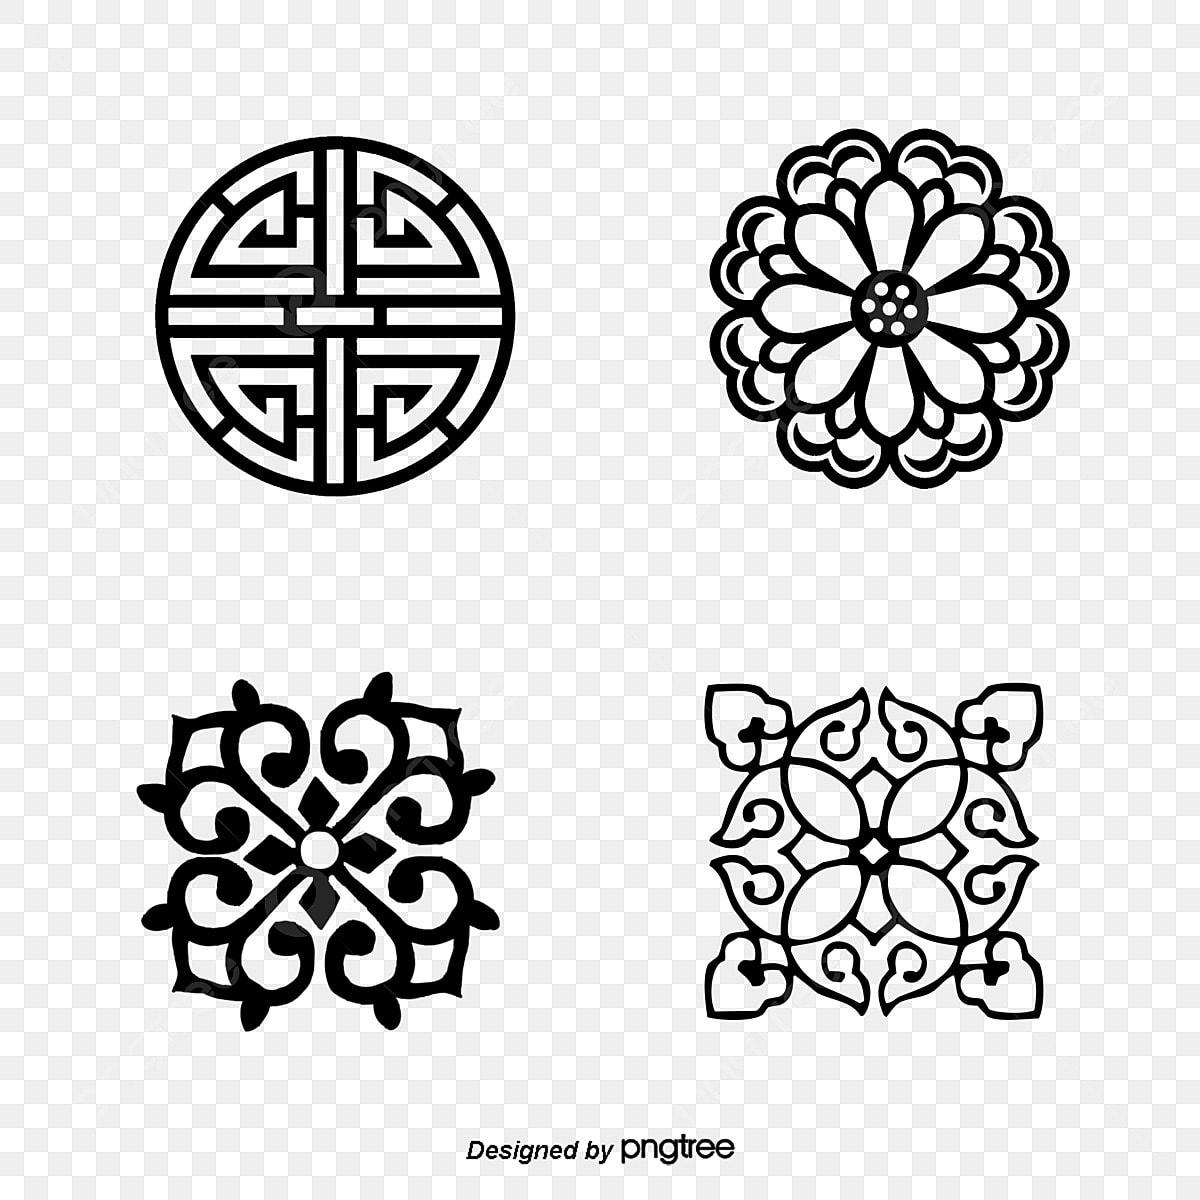 한국 전통 새해 문양 도안, 전통, 새해, 장식 원소무료